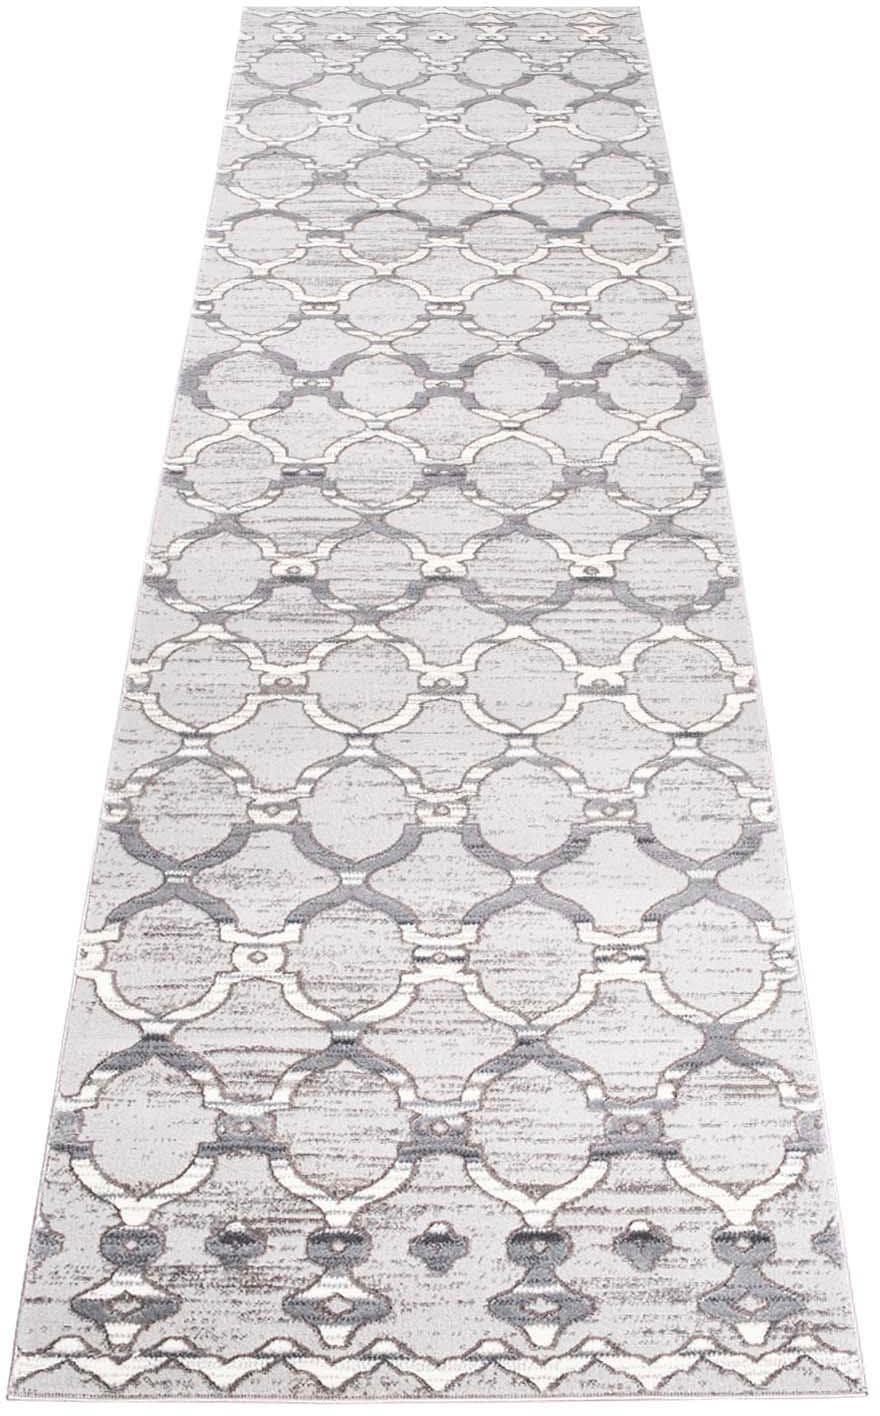 Läufer Platin 7885 Carpet City rechteckig Höhe 11 mm maschinell gewebt